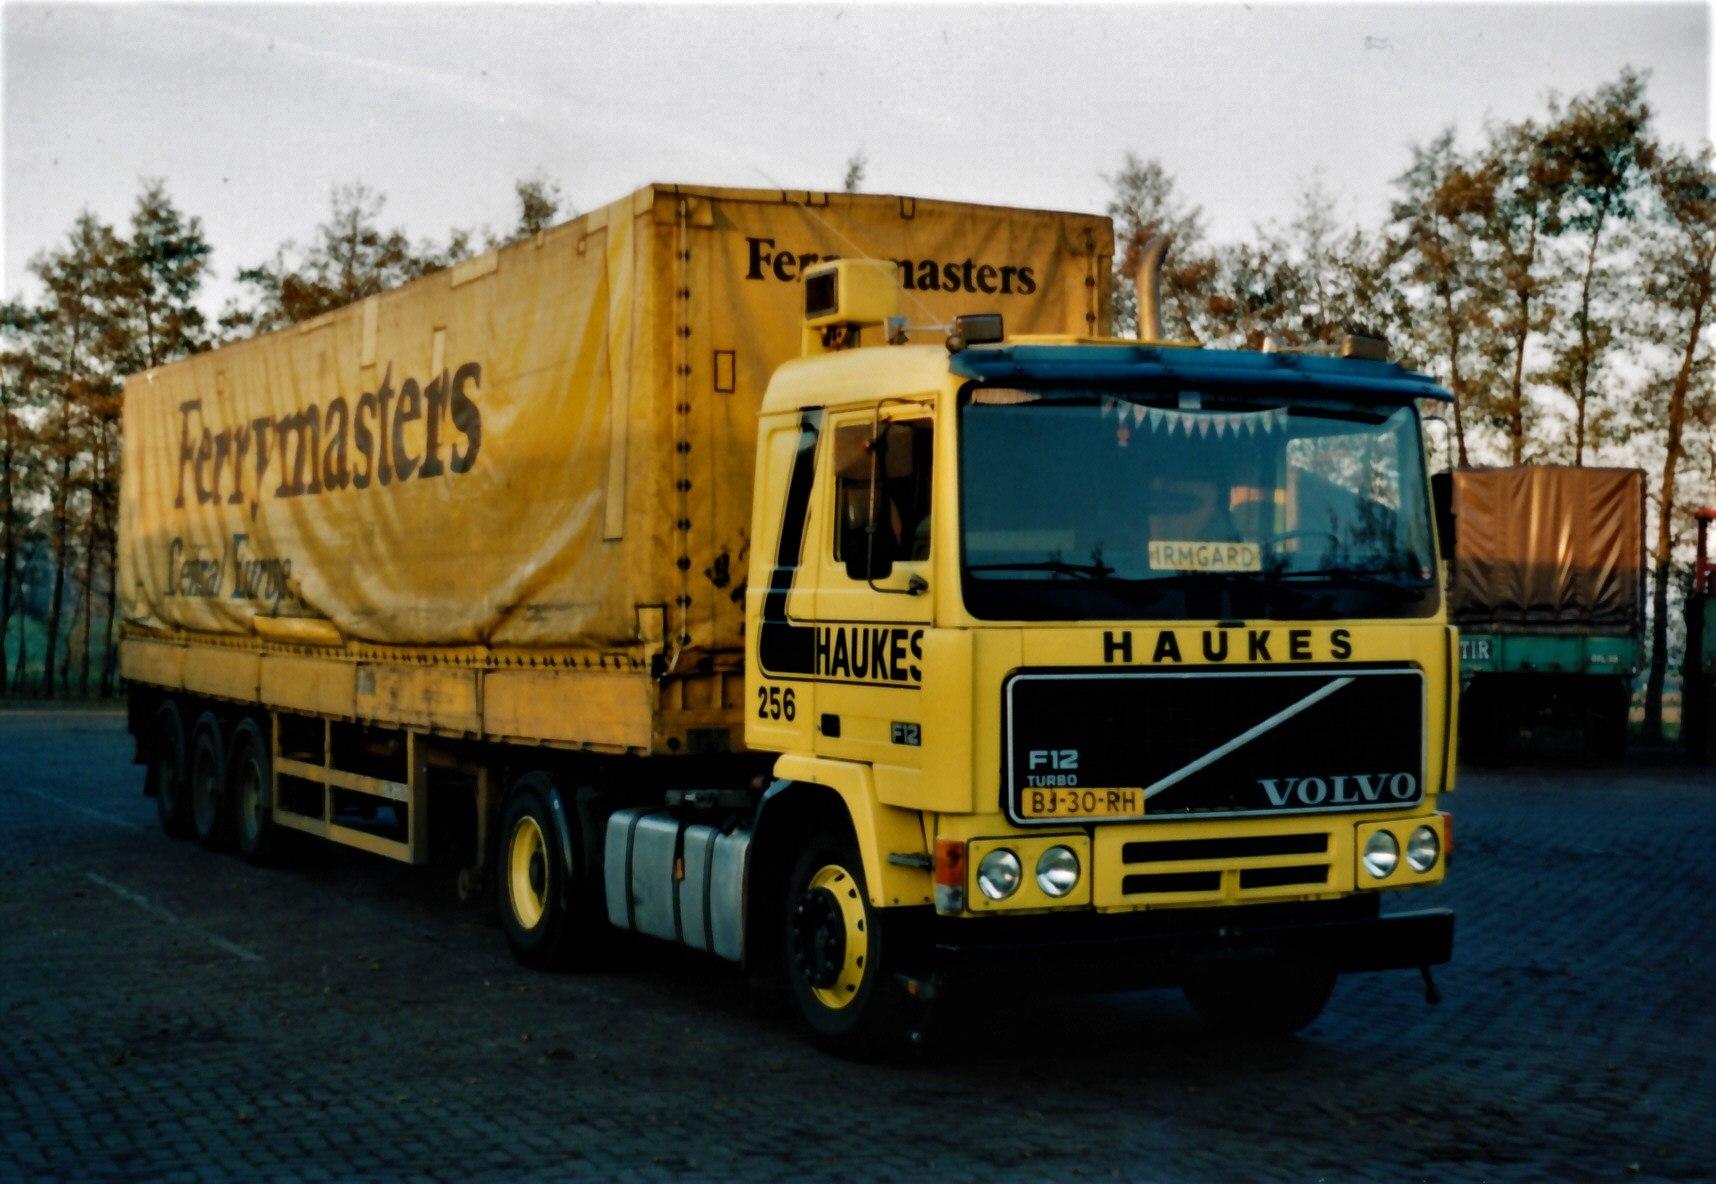 Volvo-256-Han-Megens--met-een-Ferry-Master-oplegger